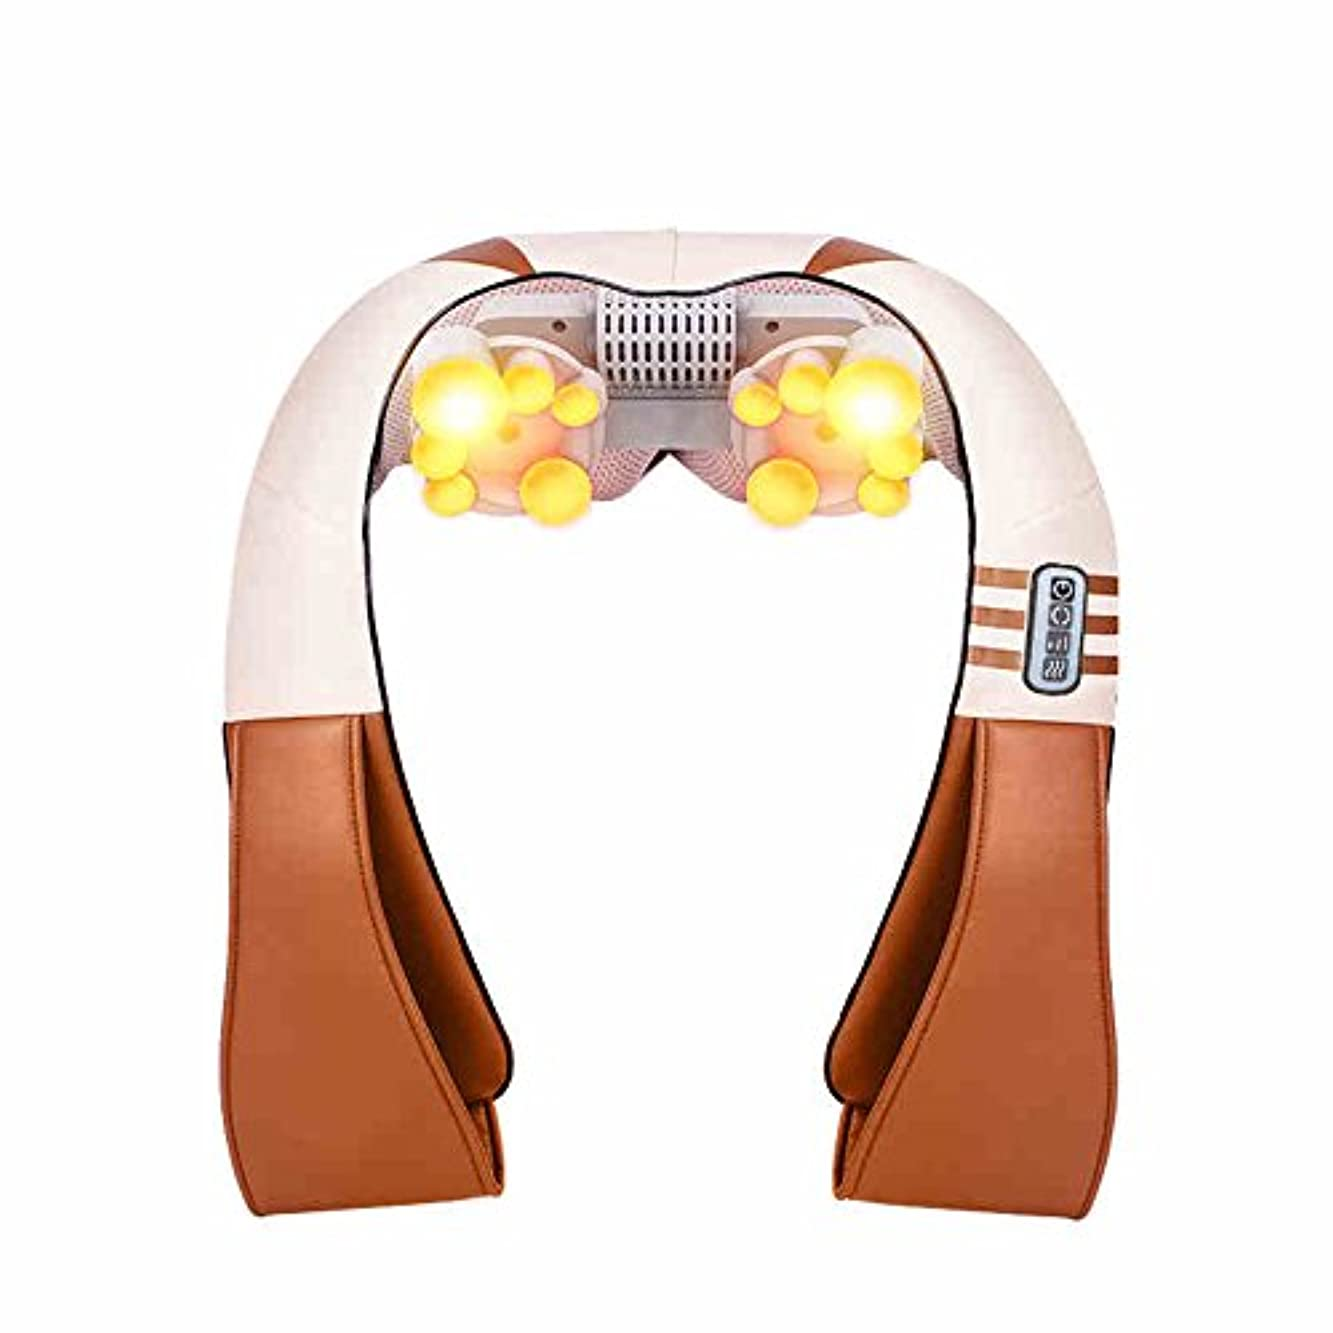 パキスタン人具体的に涙HAIZHEN マッサージチェア フルボディマッサージ器の電気運動振動指圧の混乱指圧リウマチの痛みを和らげる頭の血液循環を促進する